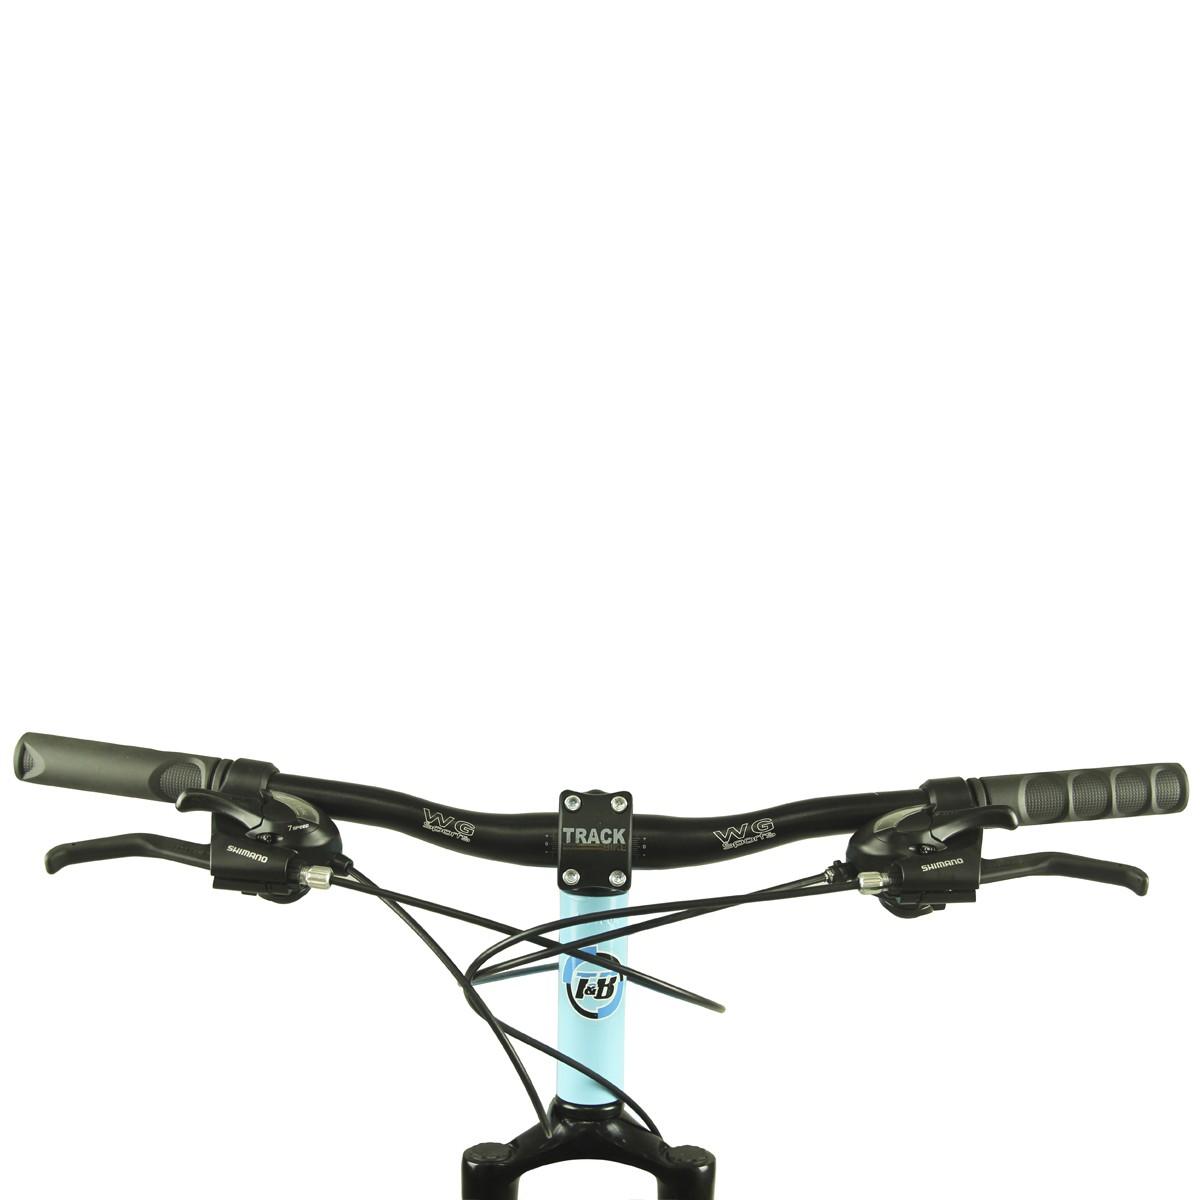 Bicicleta Track & Bikes Aro 29 TKFM 29 21 Marchas Suspensão Dianteira Quadro em Alumínio Freio à Disco